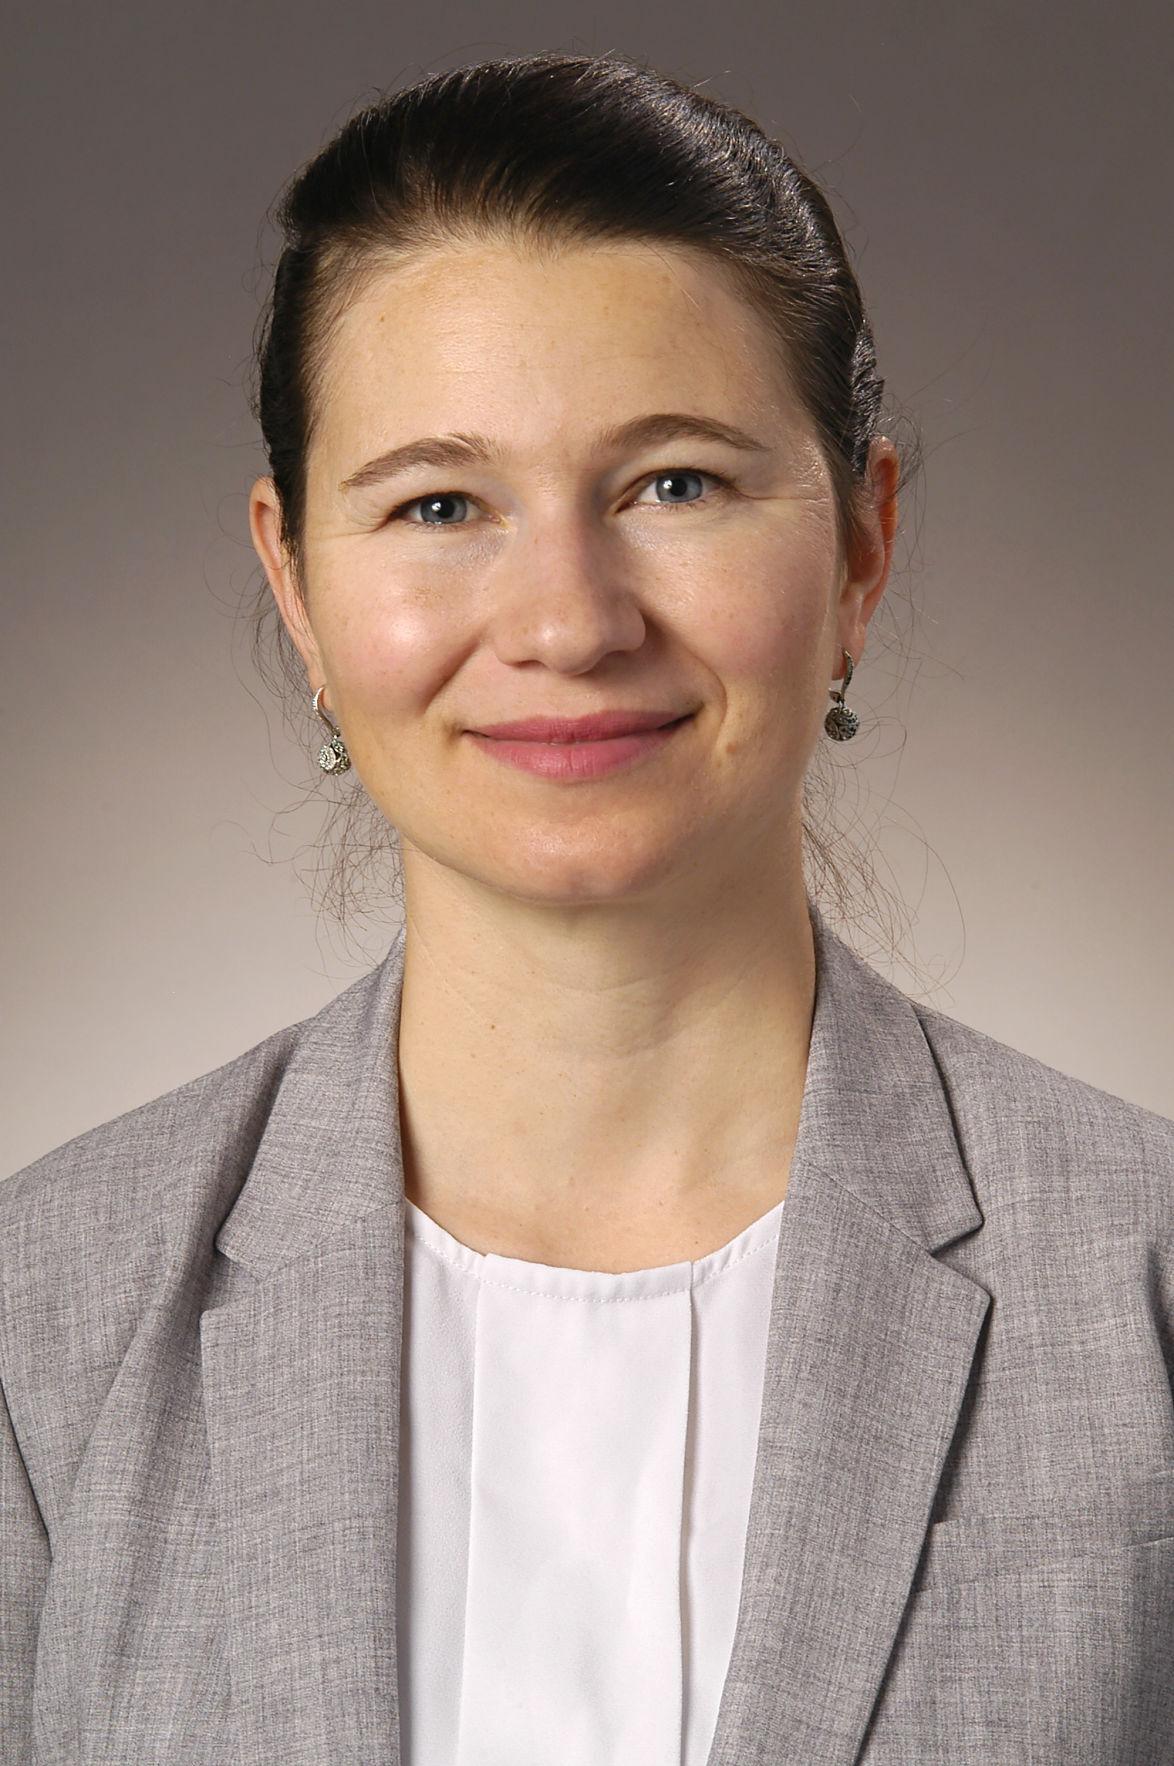 Anya Turetsky